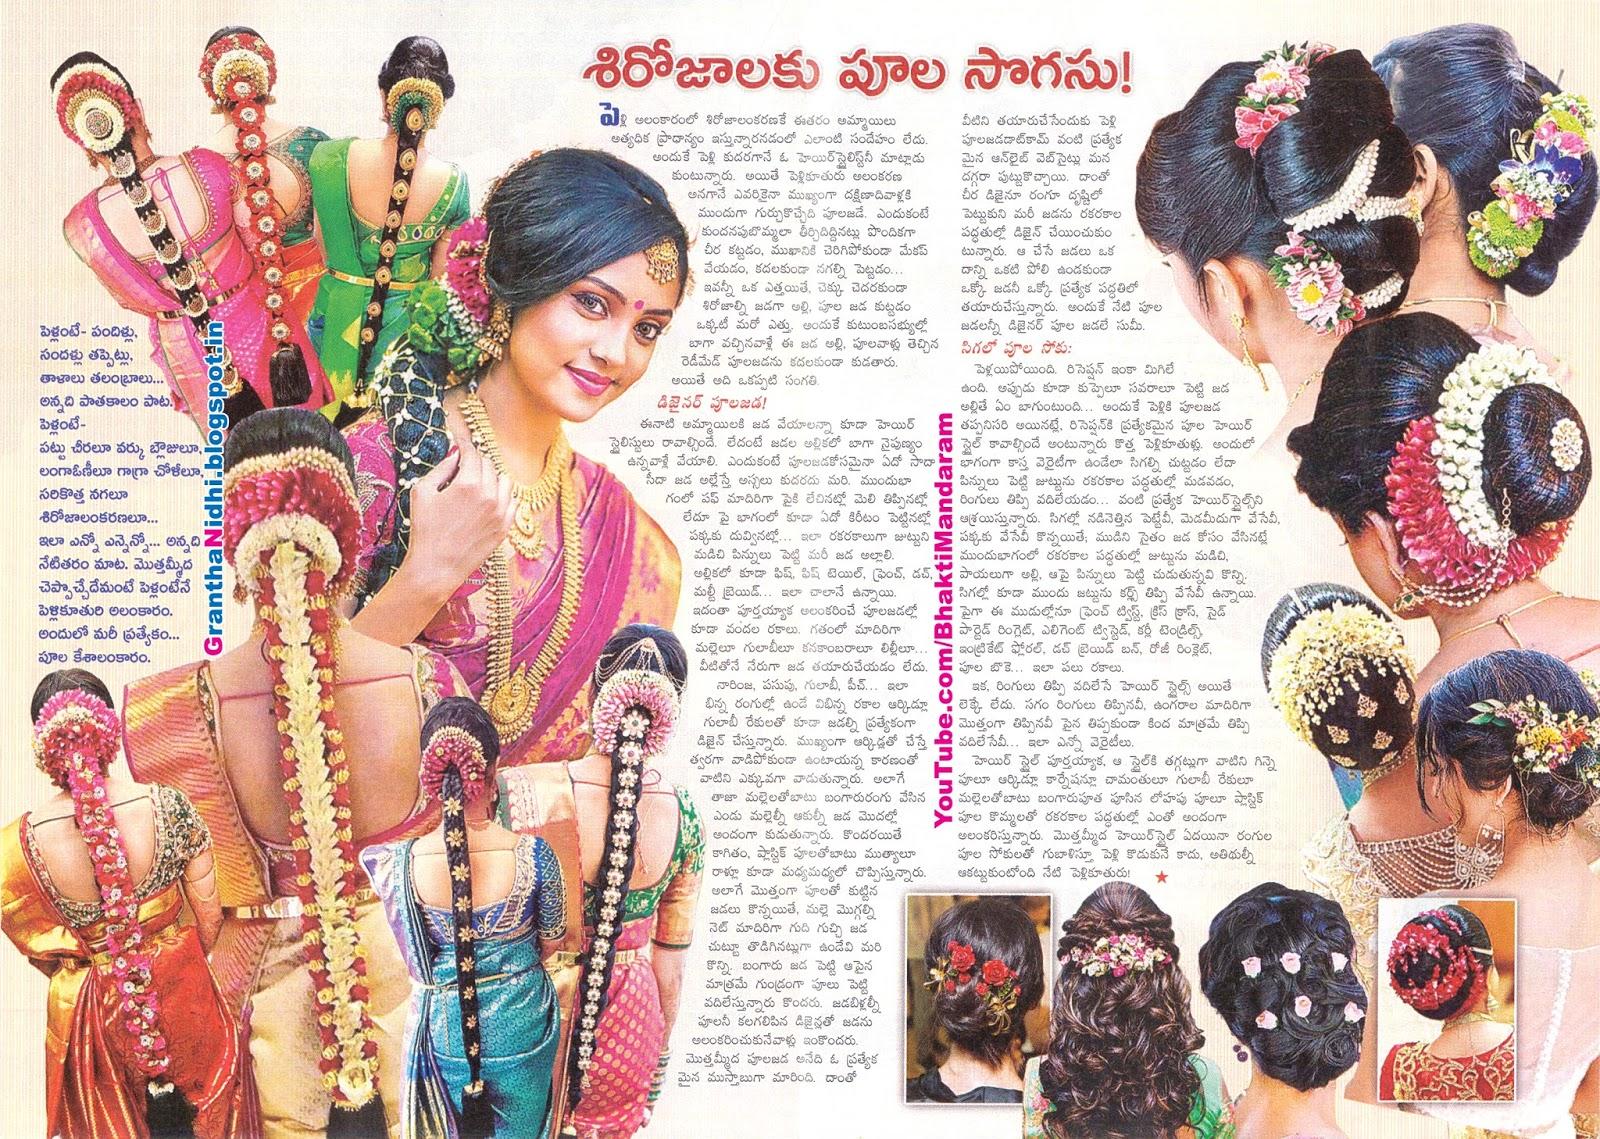 శిరోజాలకు పూల సొగసు! TraditionalHairStyle Poolajada DesignerPoolajada PuvvulaJada BhakthiPustakalu Bhakthi Pustakalu Bhakti Pustkalau BhaktiPustakalu Eenadu Eenadu SundayMagazine Sunday Magazine